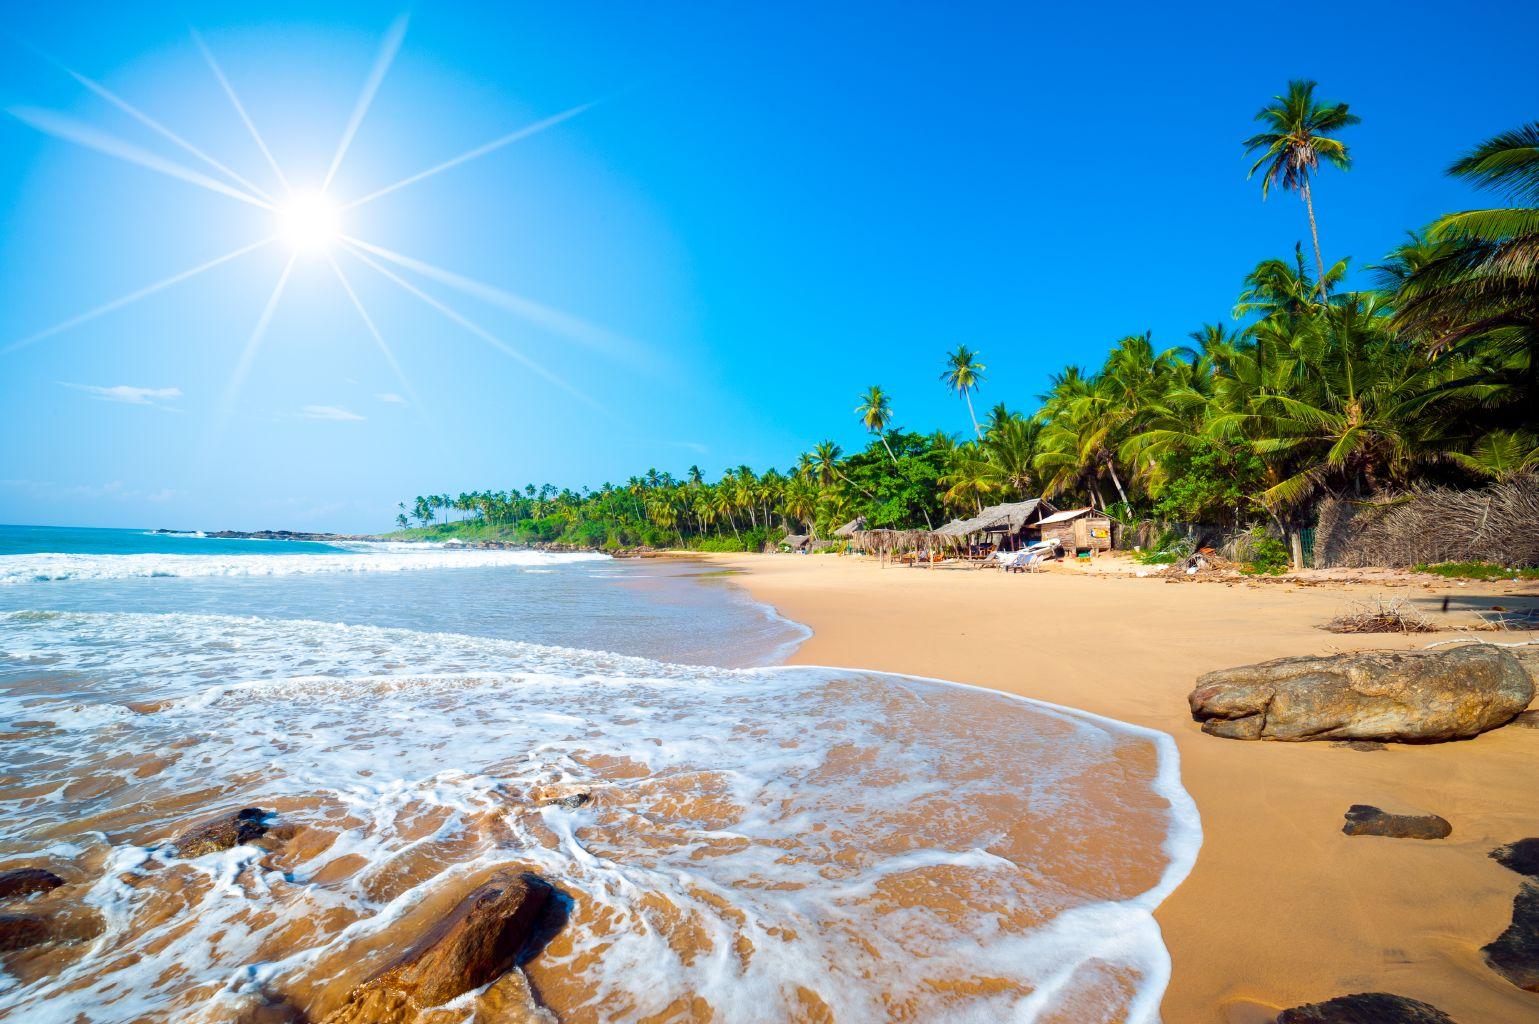 Malajsie, Srí Lanka, Thajsko ještě o prázdninách od 12064 Kč